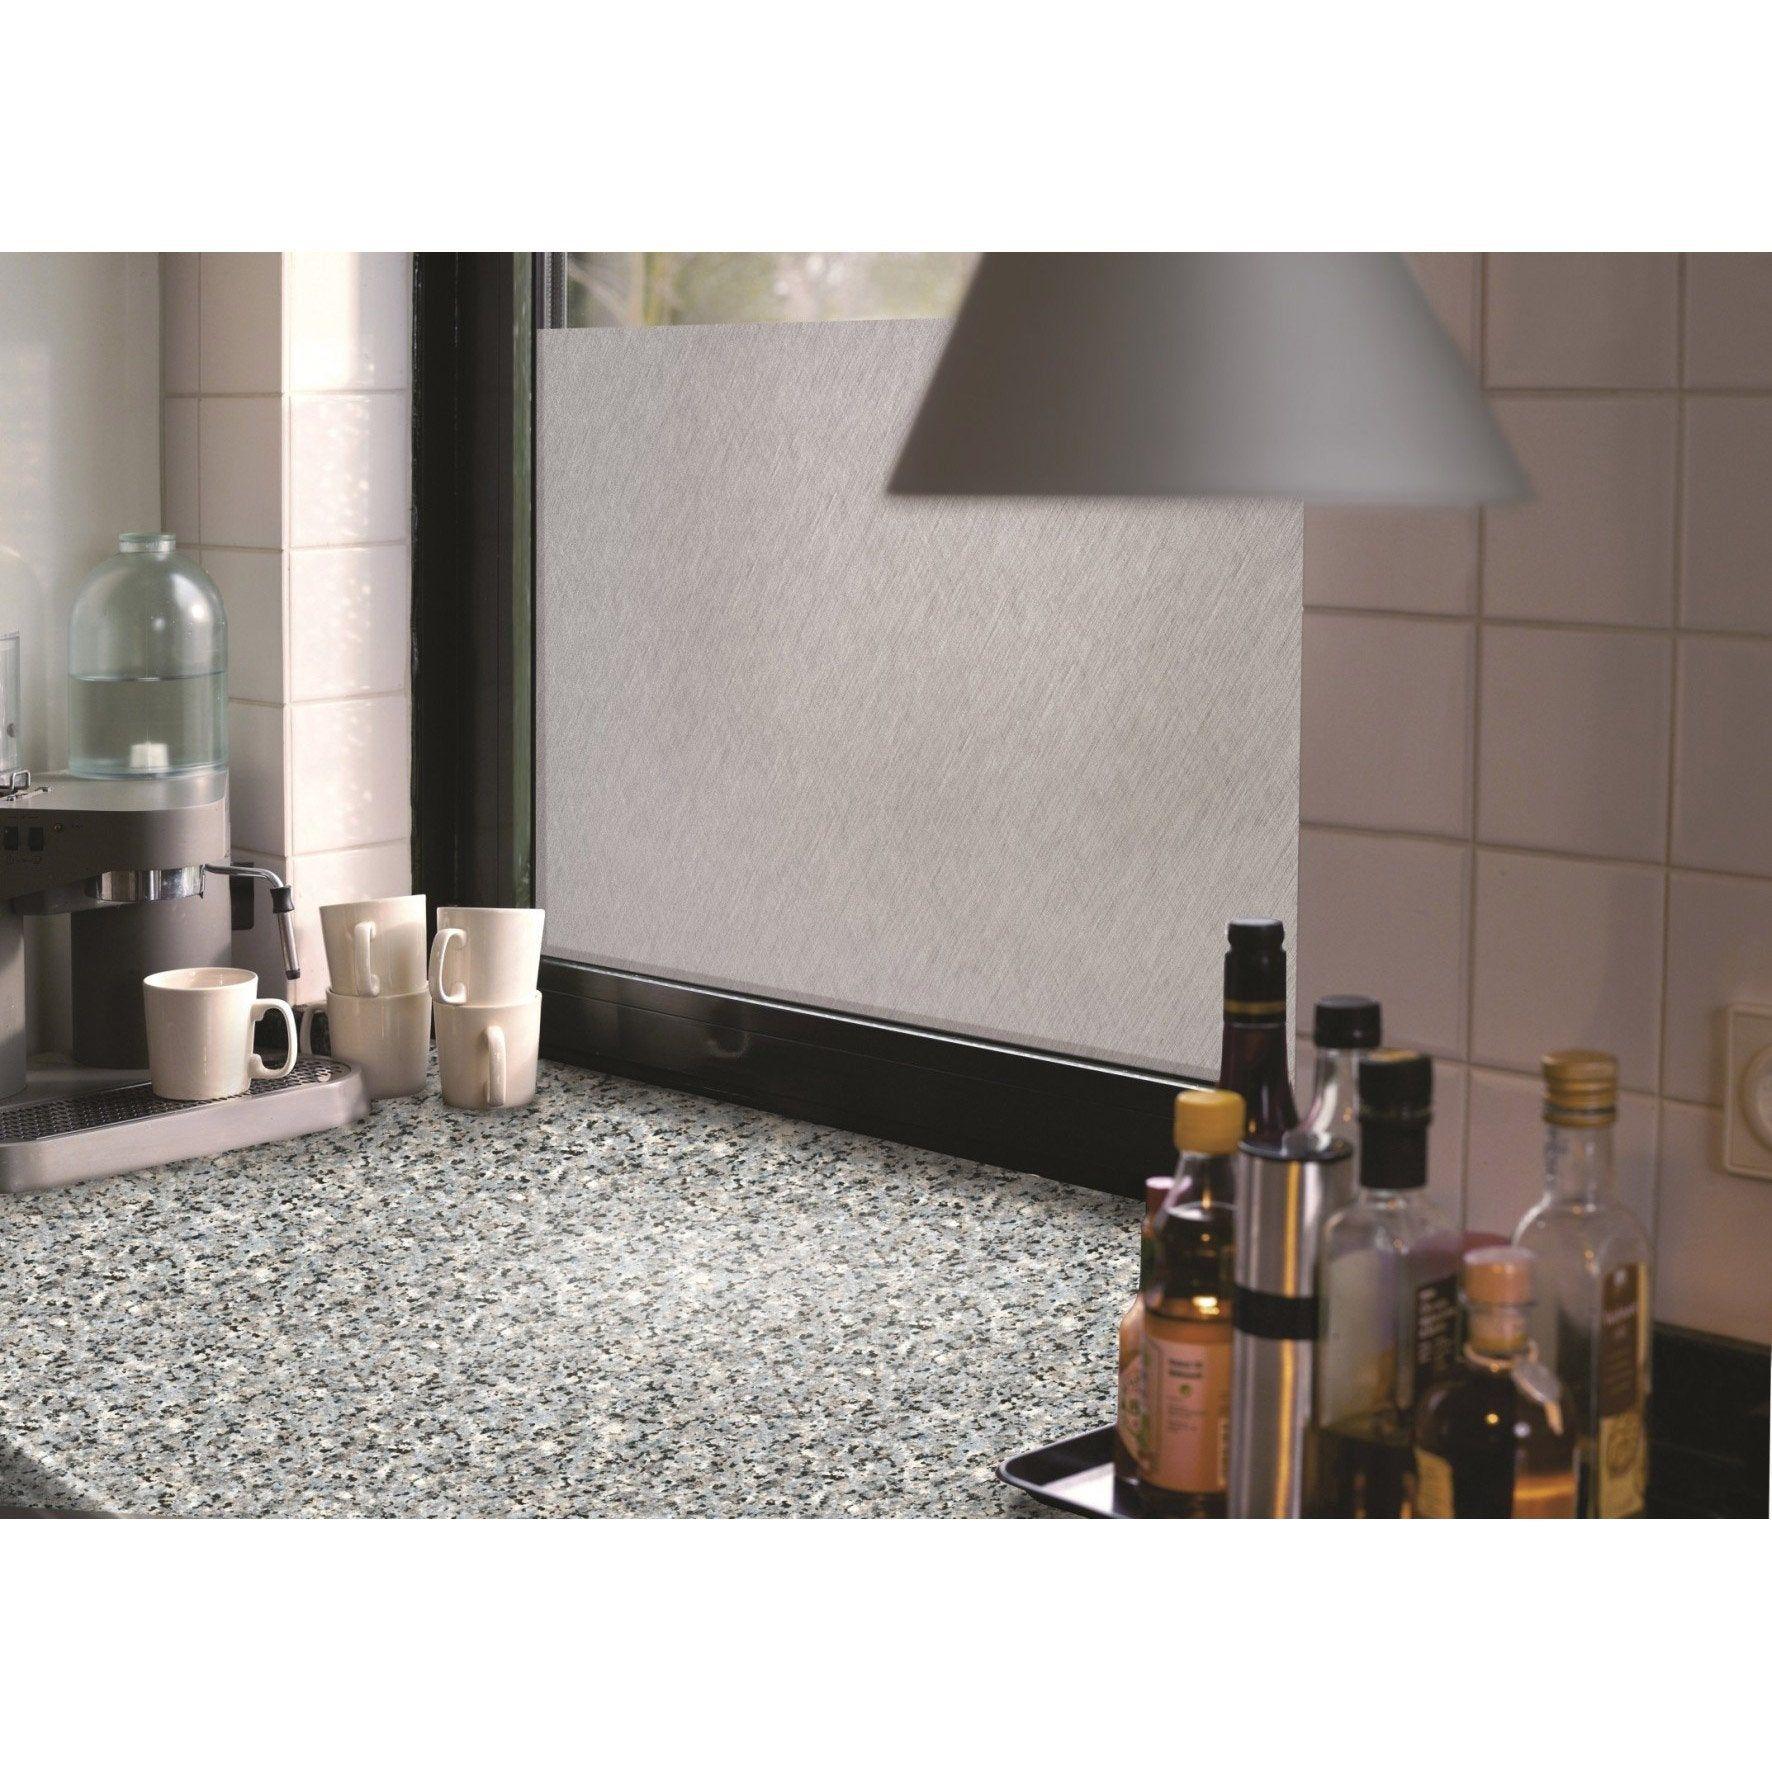 Adhesif Pour Vitre D C Fix Static Premium Ilva Blanc L 0 9 X L 15 M Avec Images Decoration Maison Film Pour Fenetre Vitre